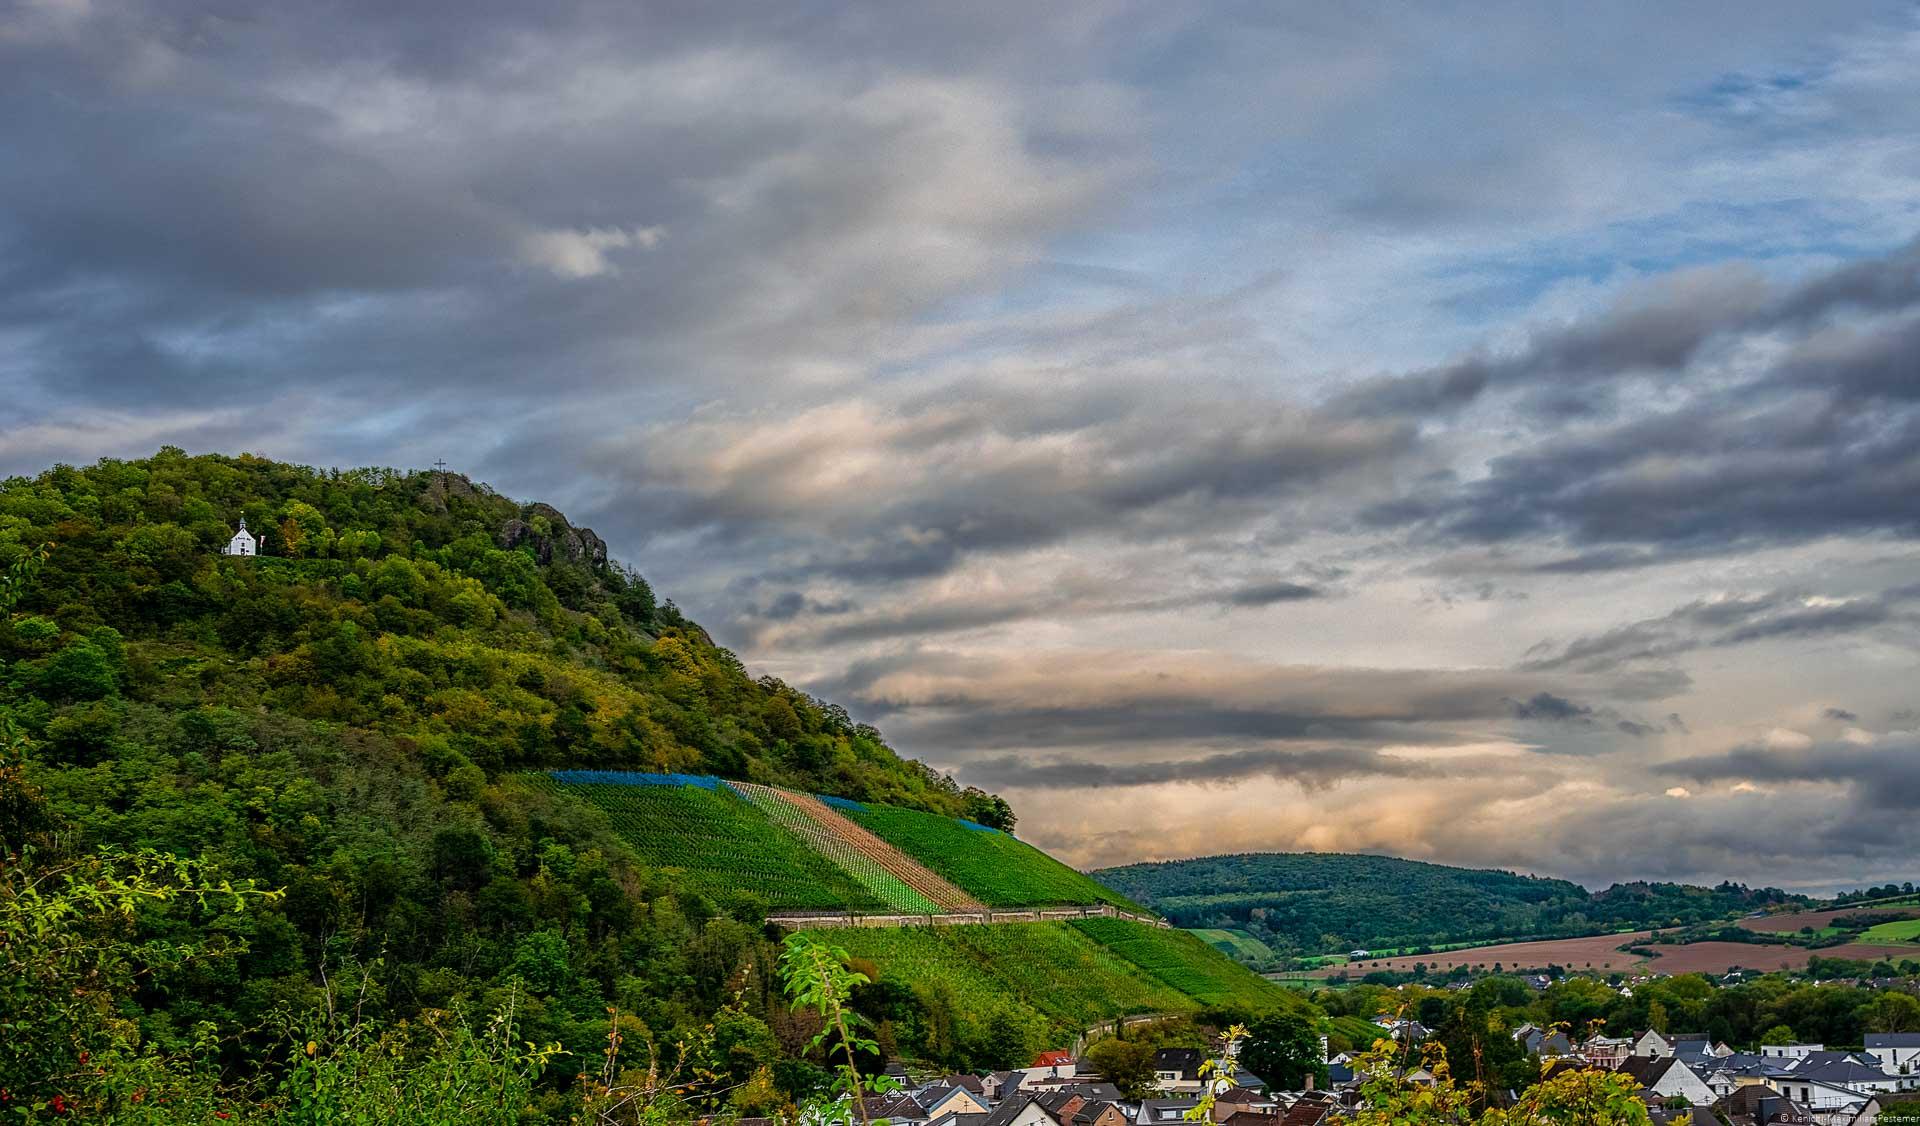 Steiler Weinberg Heimersheimer Burggarten im Ahrtal beim Sonnenuntergang. Oben auf dem Hang links befindet sich ein alter Vulkankegel. Am Abendhimmel befinden sich viele Wolken. Unten recht liegt der Ort Heppingen.